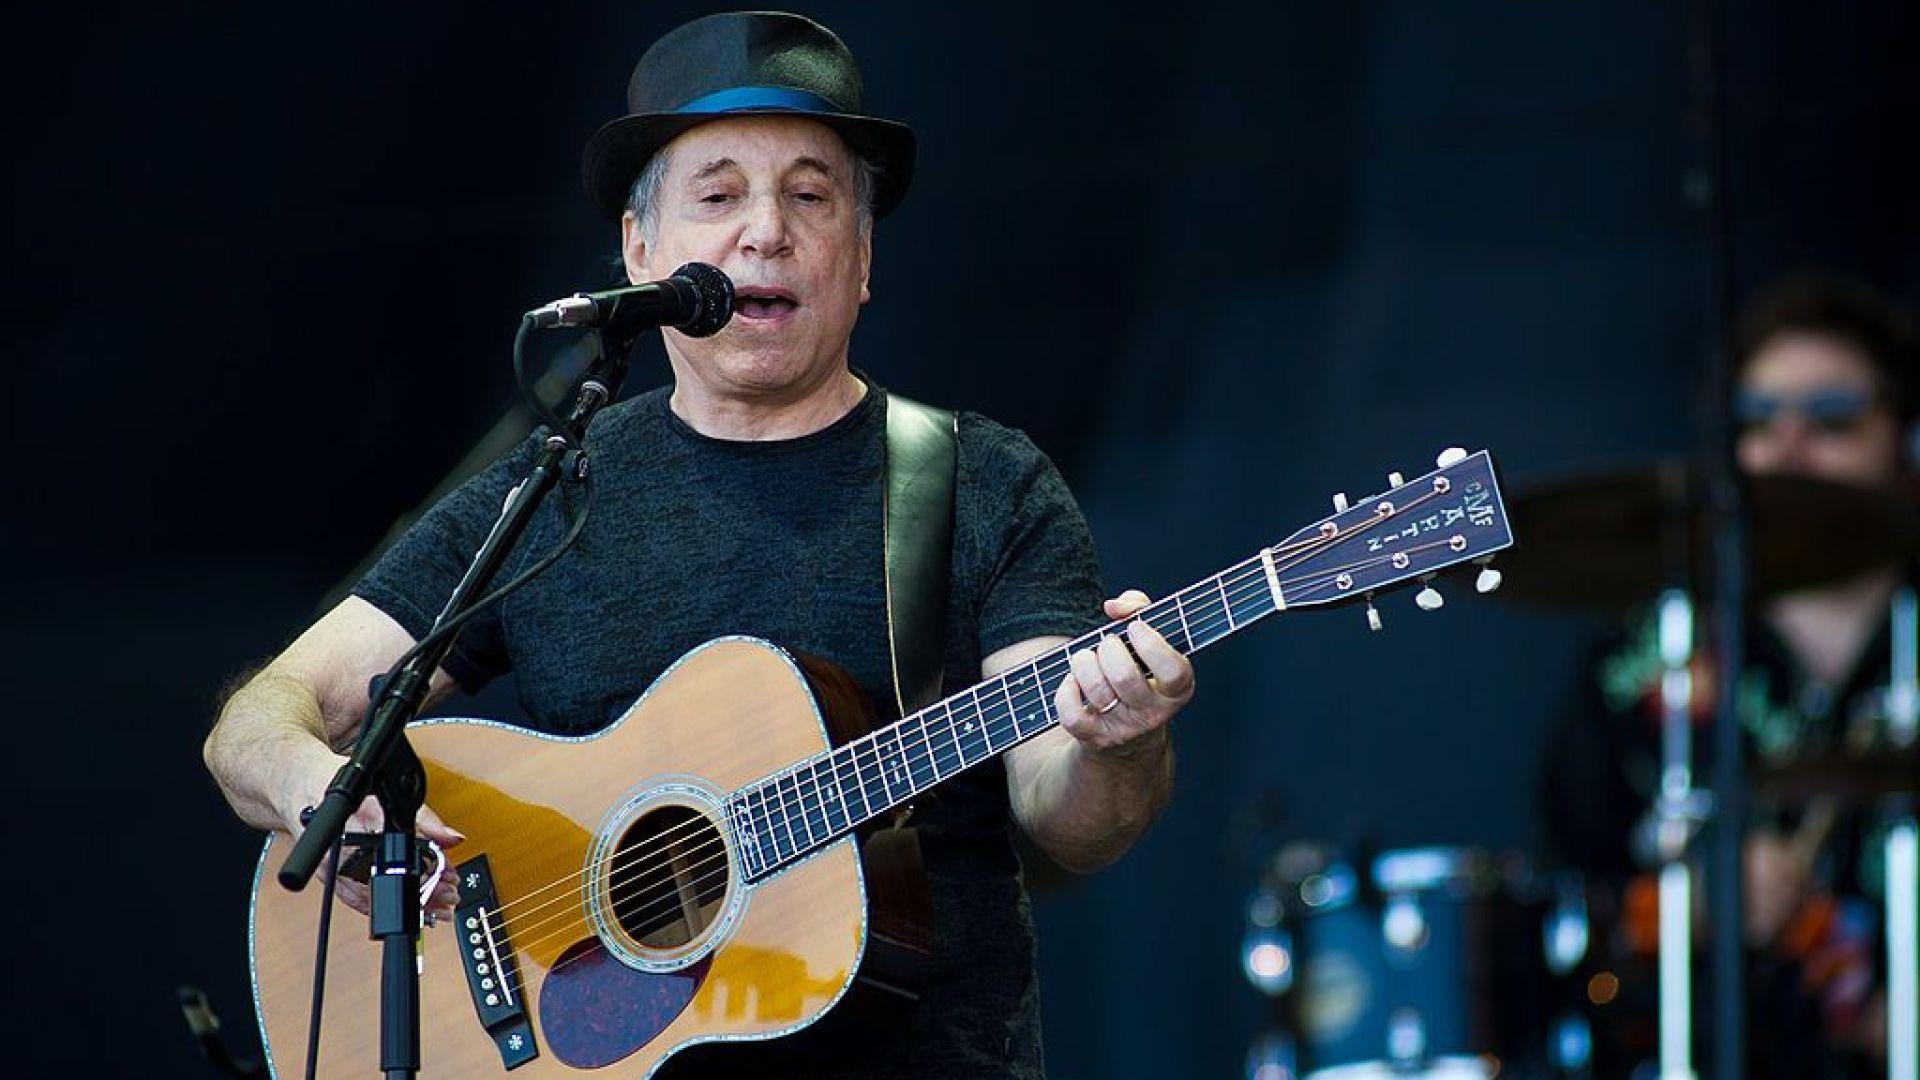 След Боб Дилън, Шакира и Нийл Йънг - Пол Саймън продаде каталога си